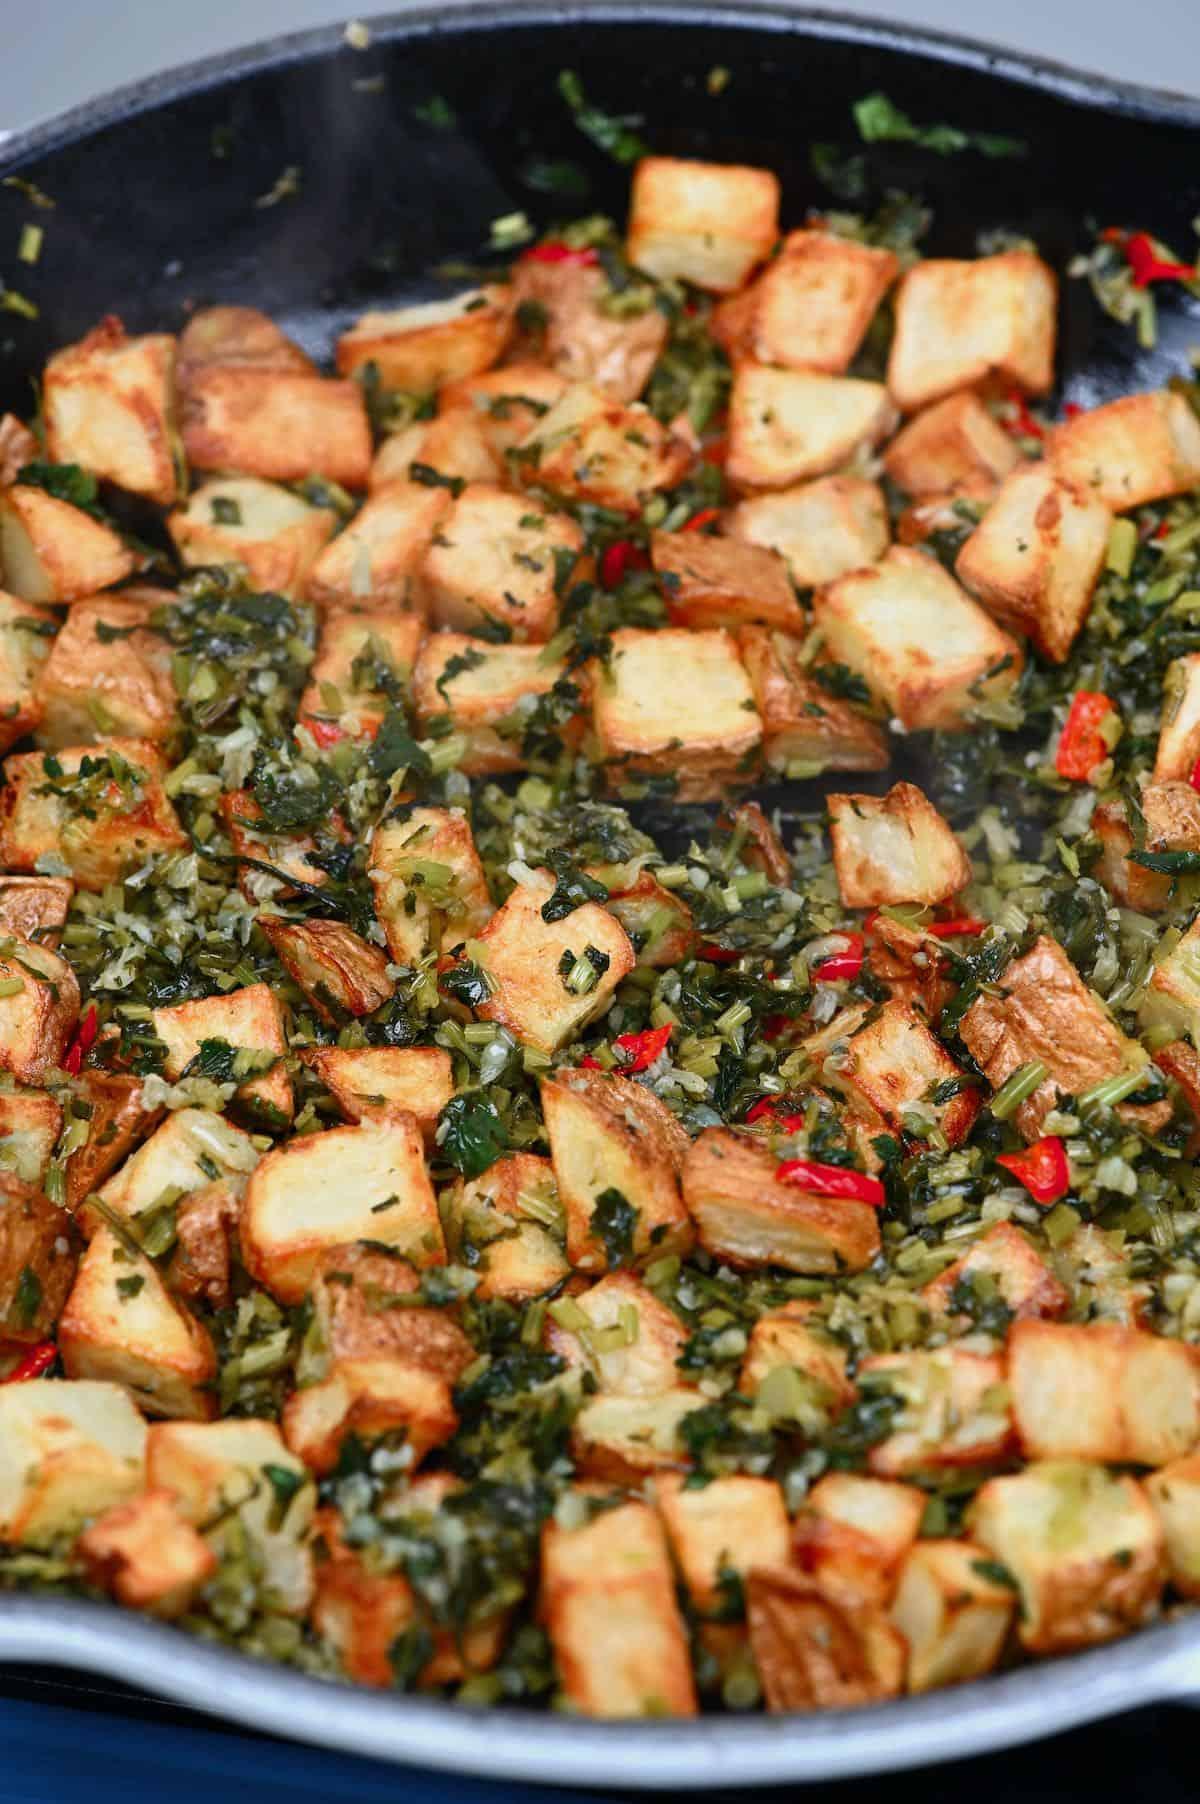 Batata harrah with sauteed herbs